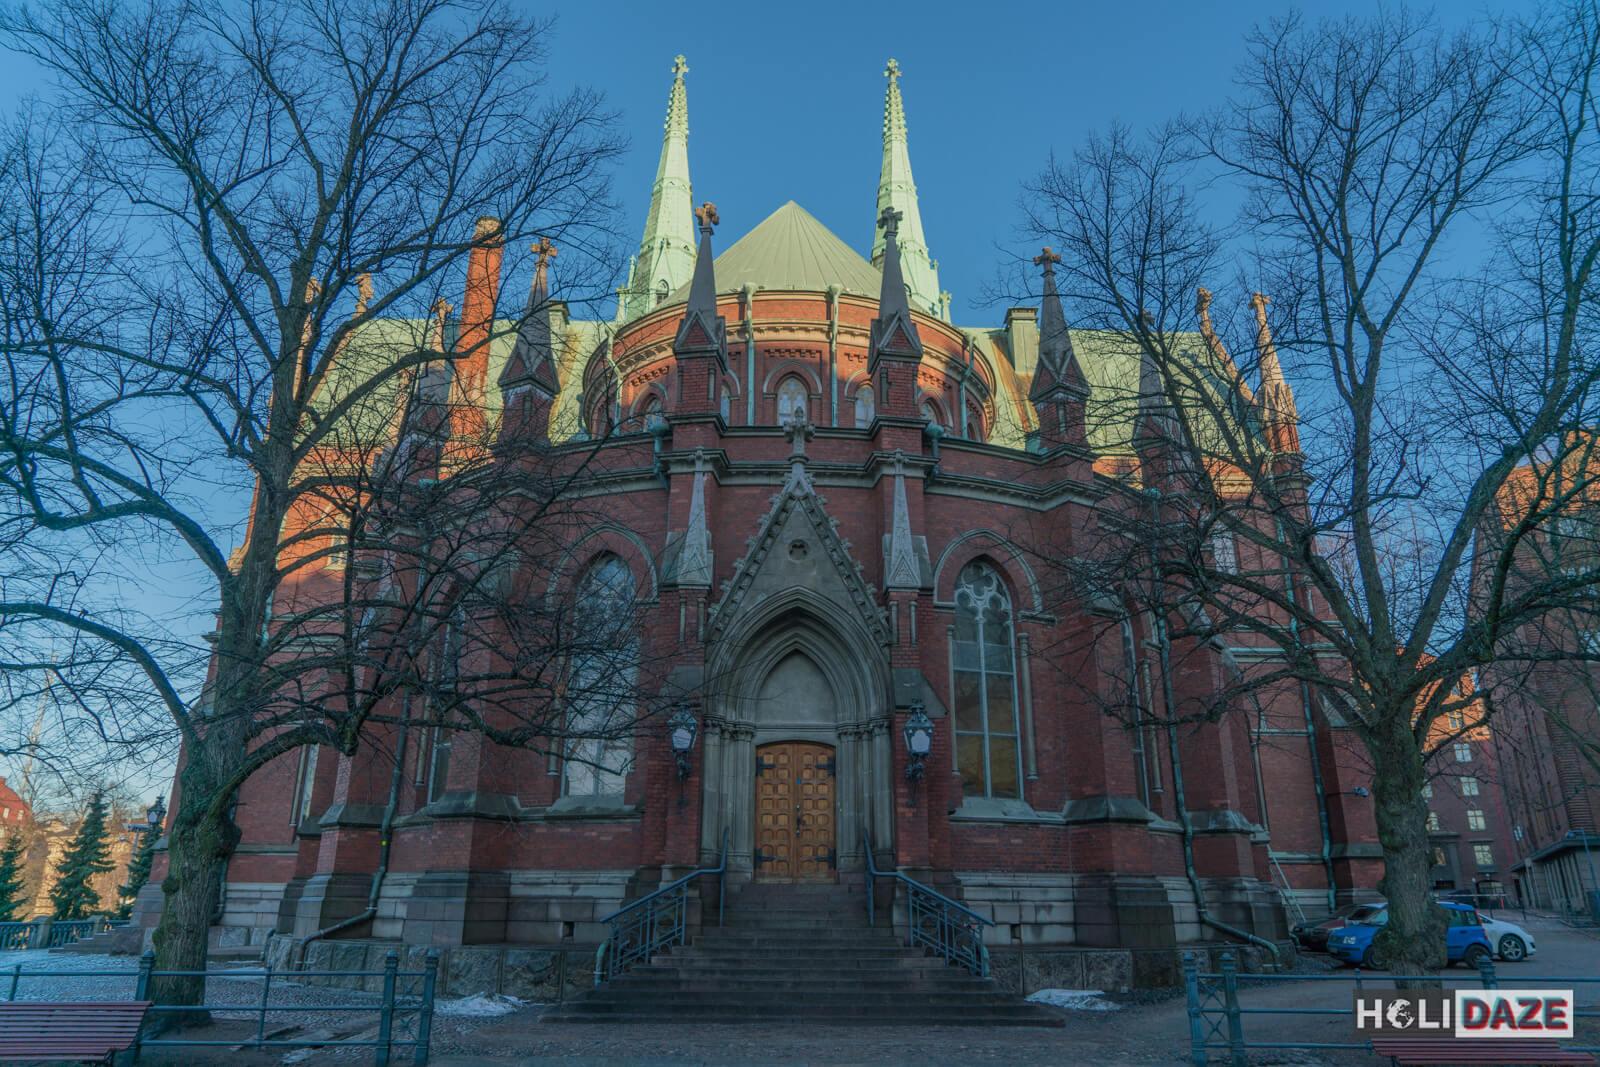 St. John's Church in Helsinki, Finland